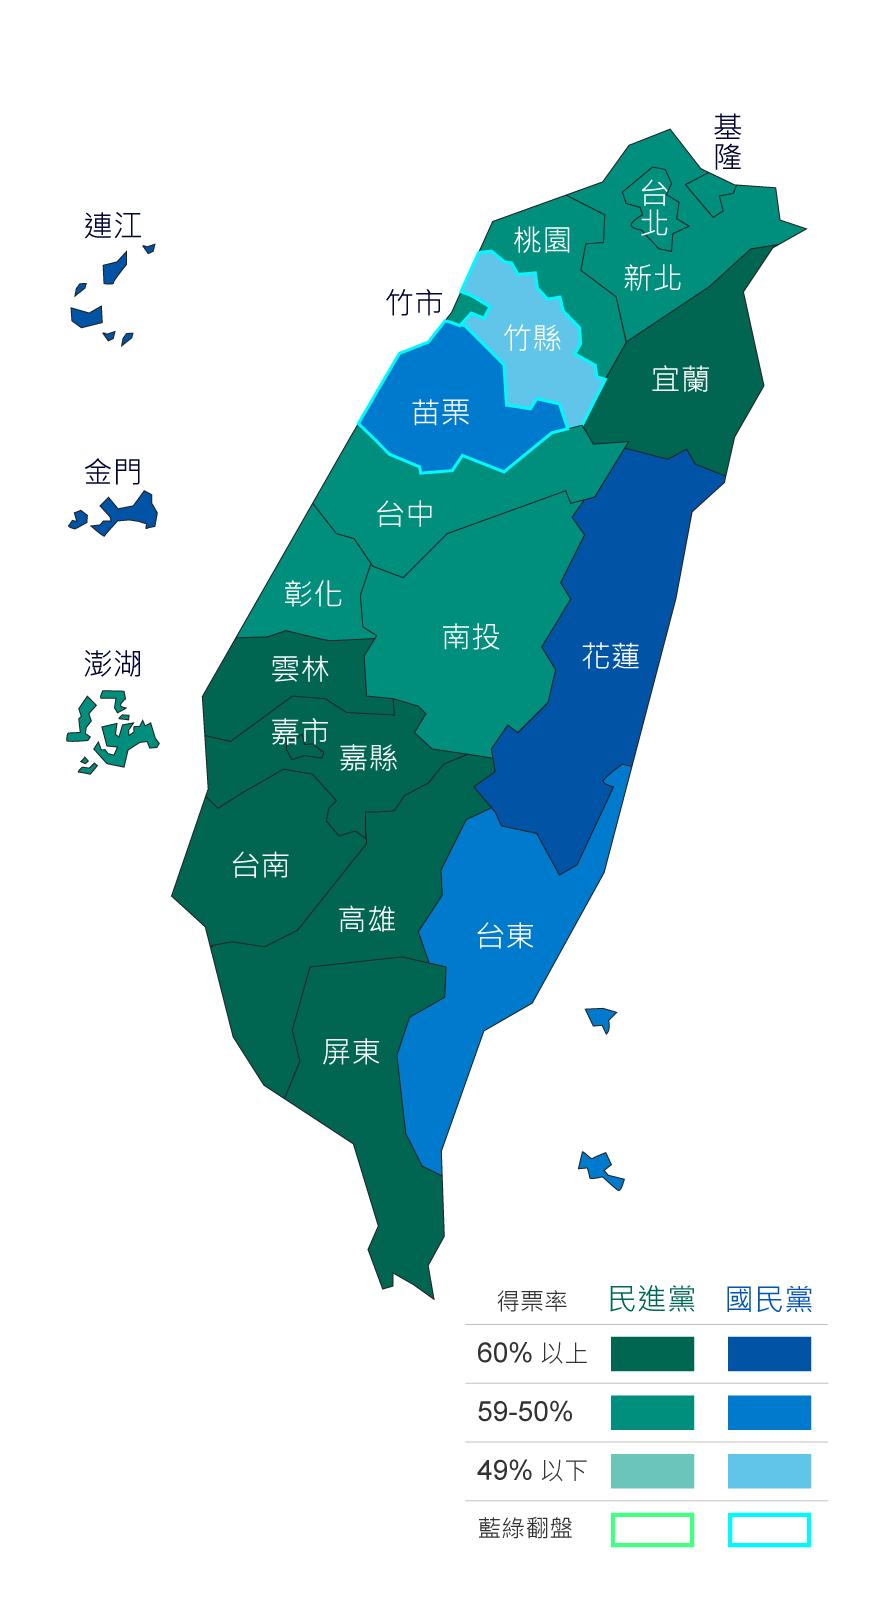 2020藍綠版圖